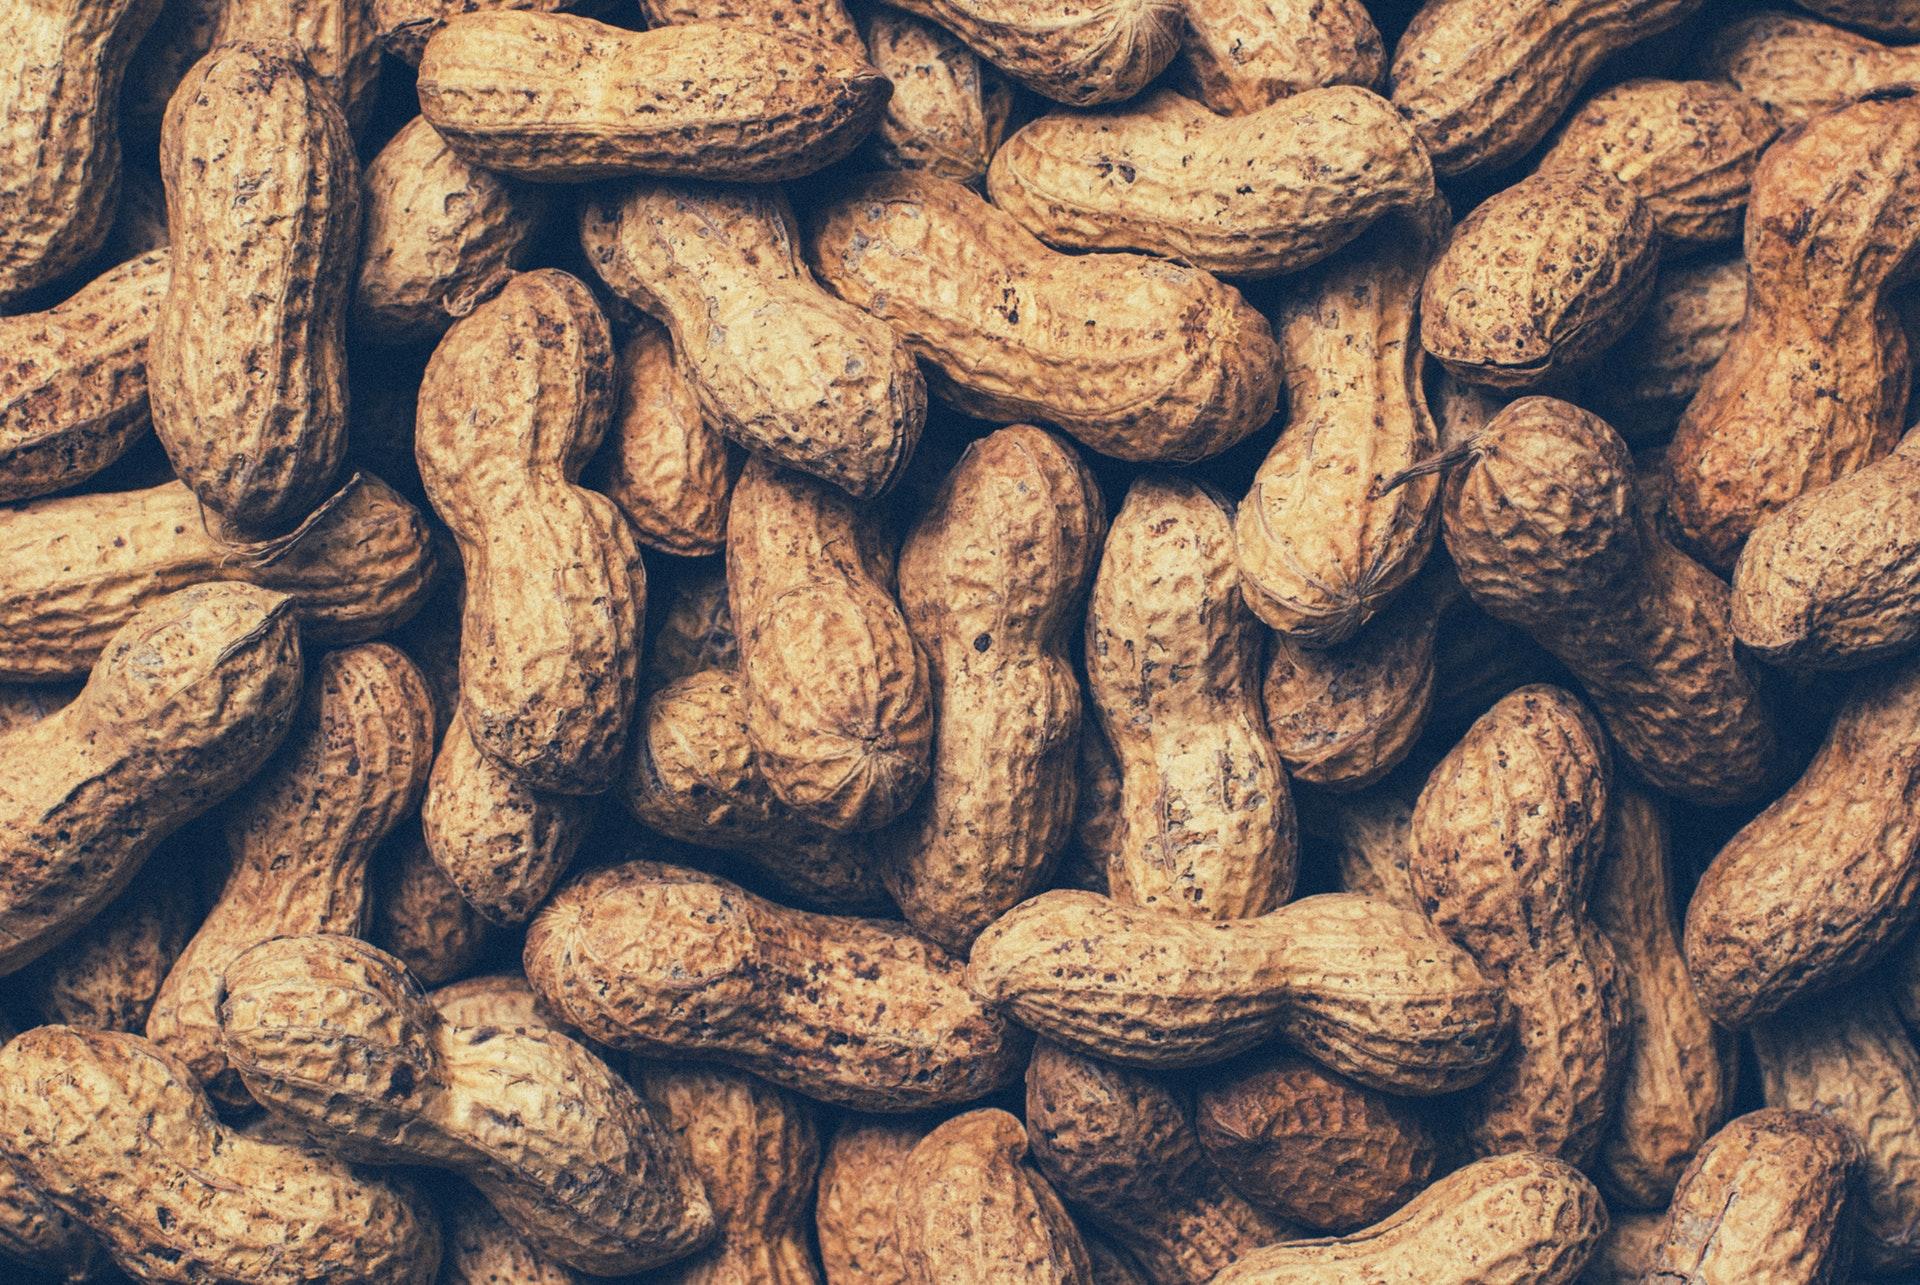 peanuts, nødder, allergi